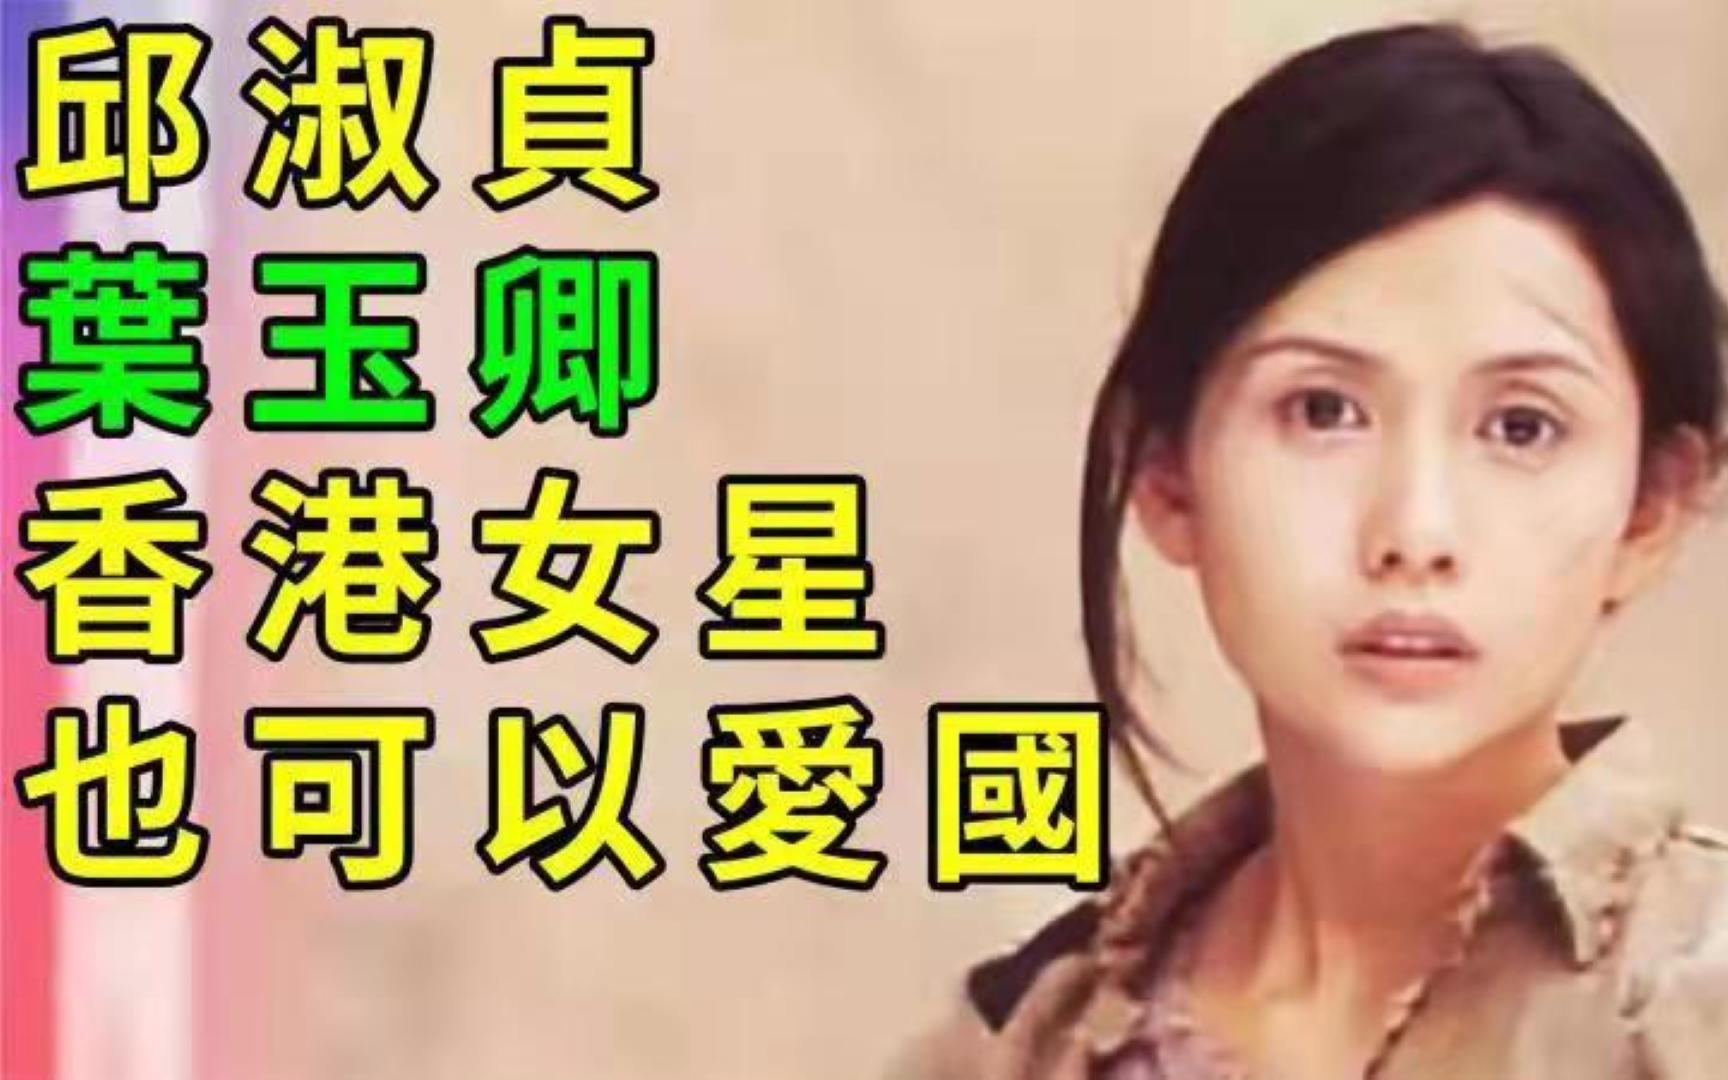 邱淑贞叶玉卿,香港两大女神如何演绎爱国主义电影。女明星也爱国